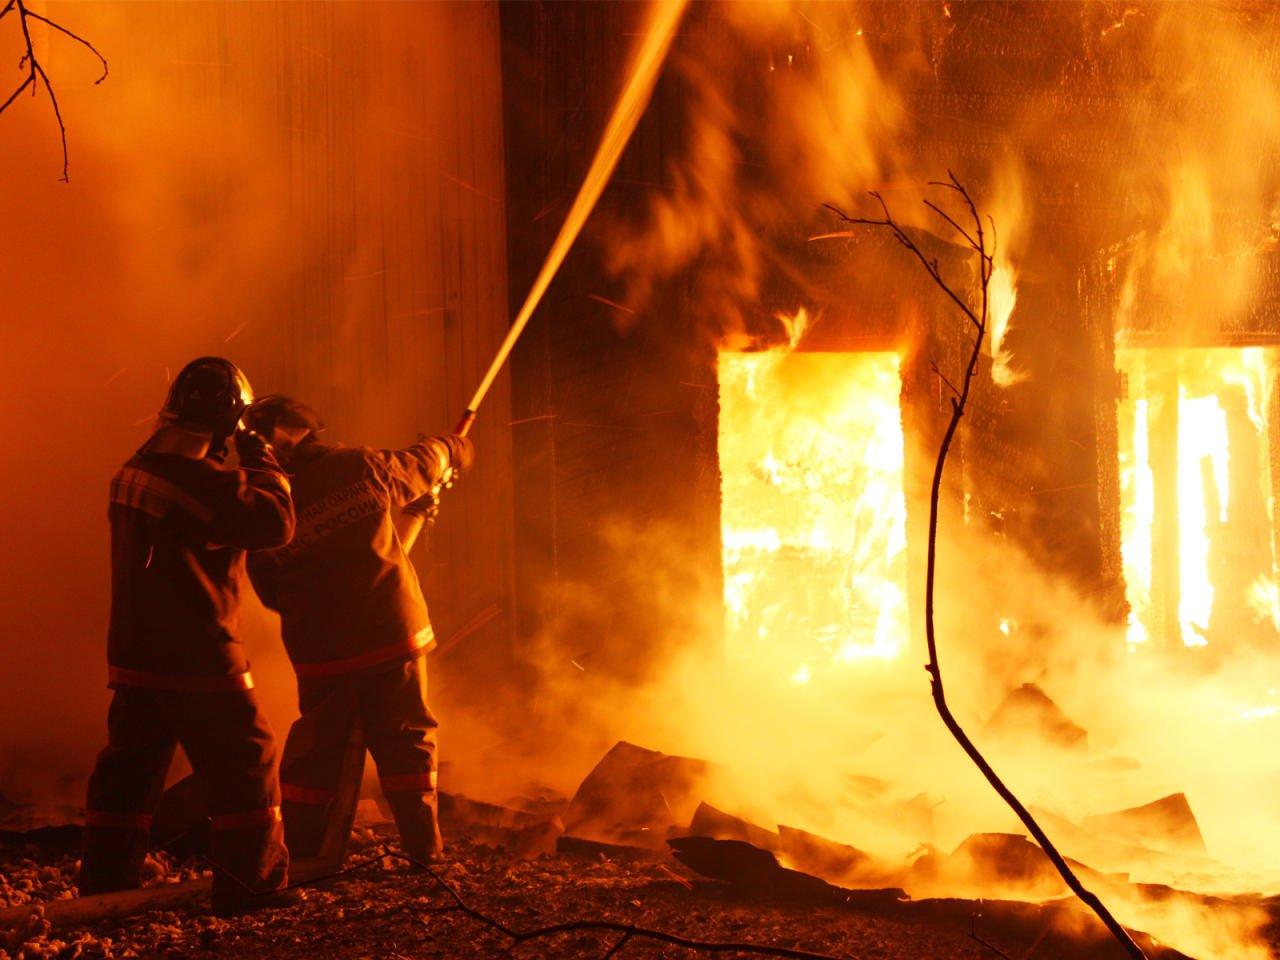 ВБалашихе произошел пожар налитейно-механическом заводе